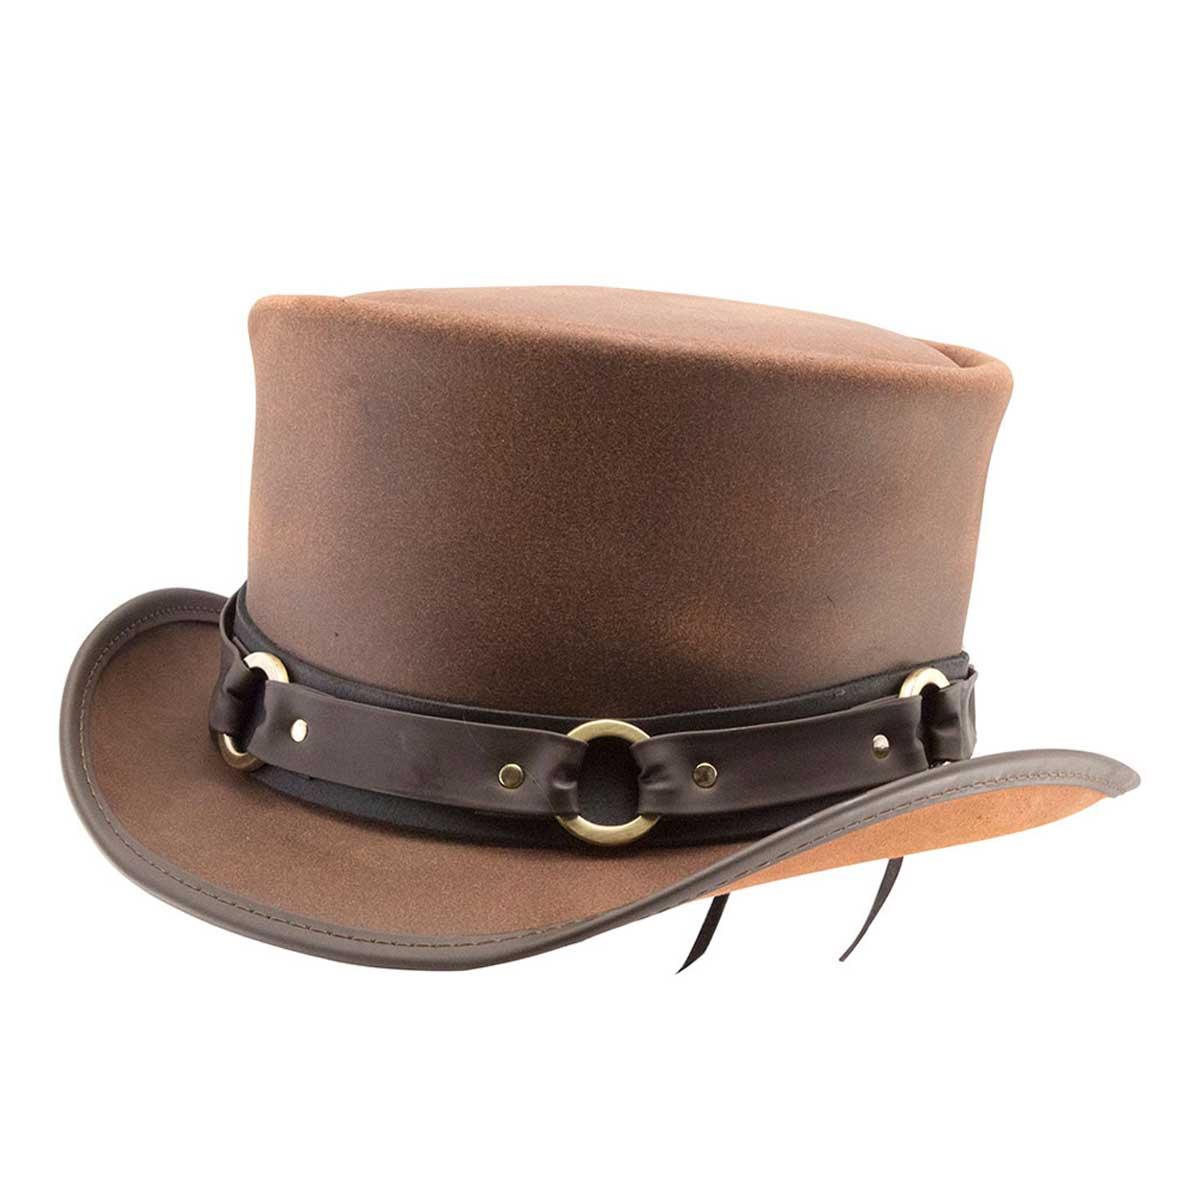 スチームパンク 帽子 HEAD'N HOME El Dorado SR2/BROWN